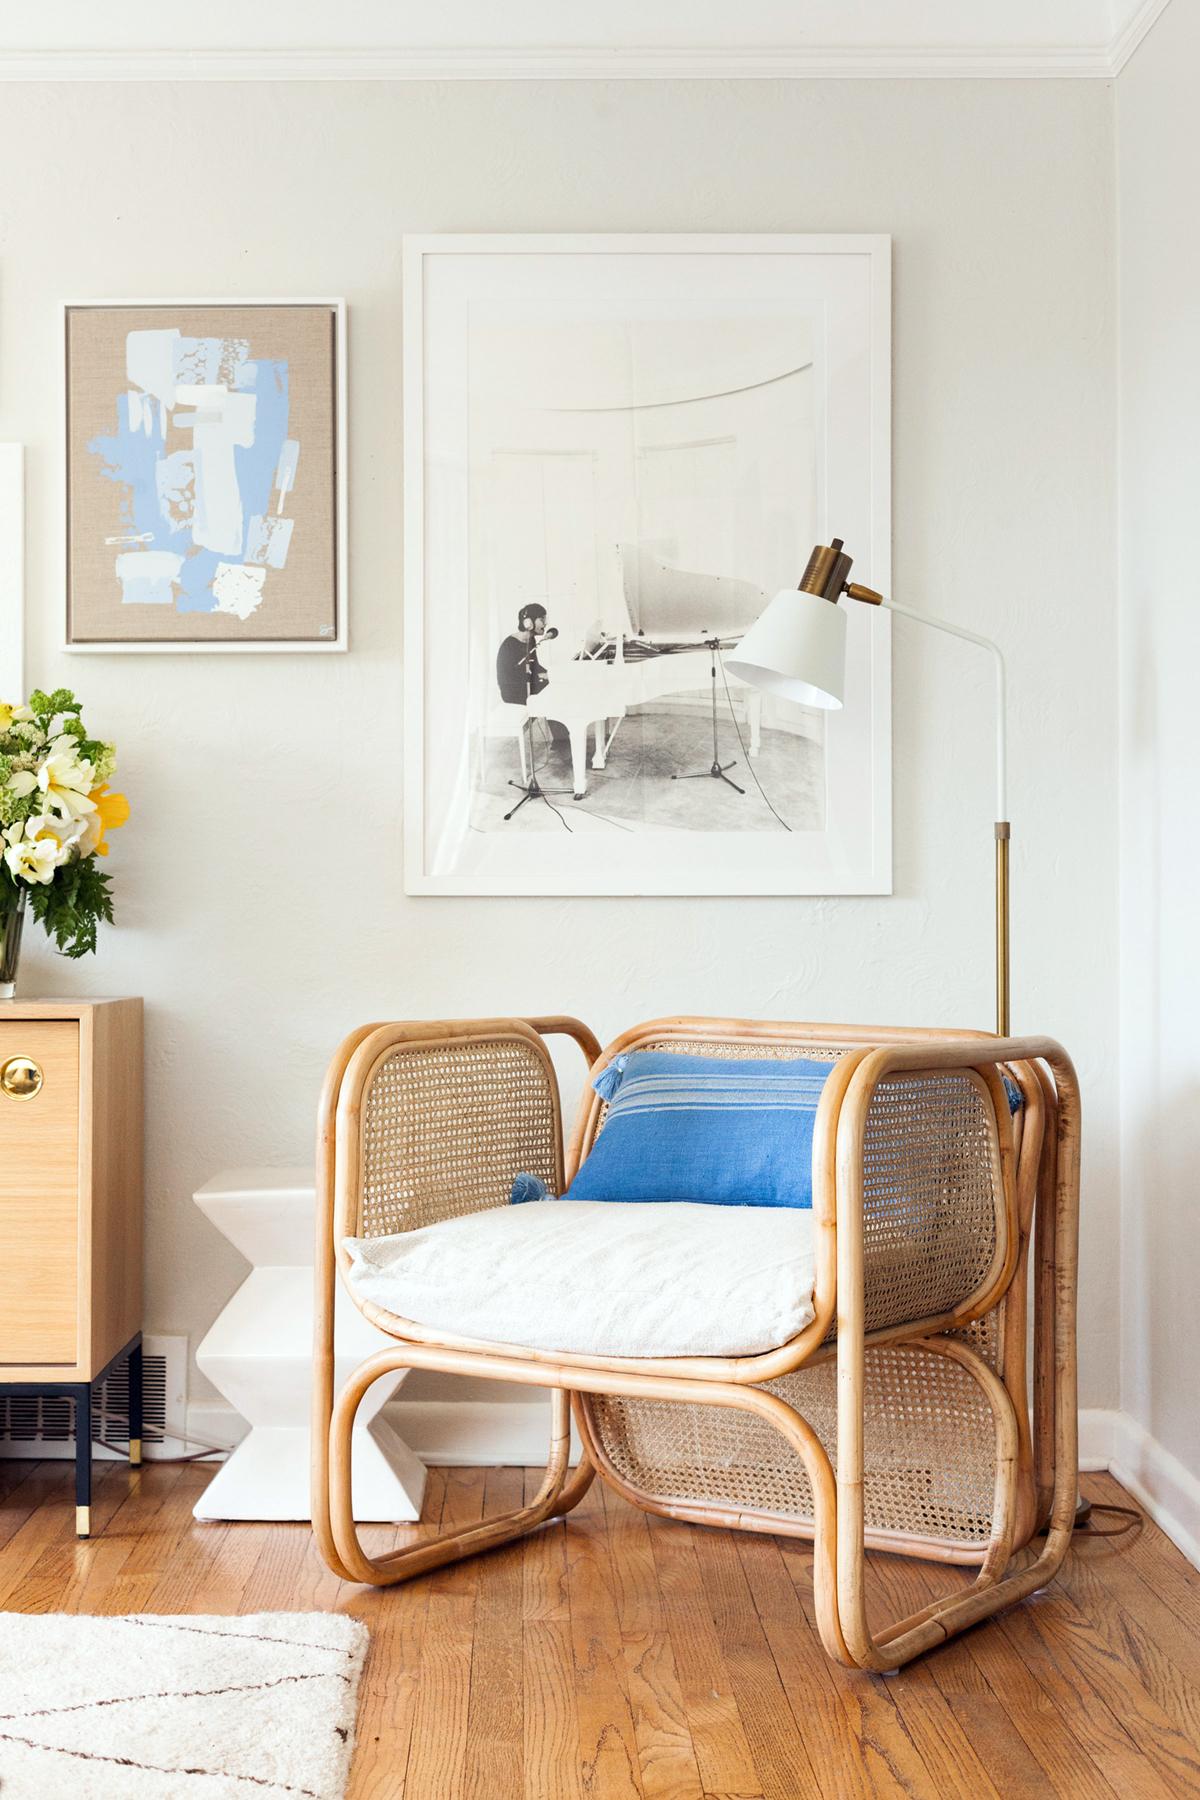 كيفية اختيار ألوان الطلاء لأي غرفة فالسبار مدينة نيويورك الشتاء